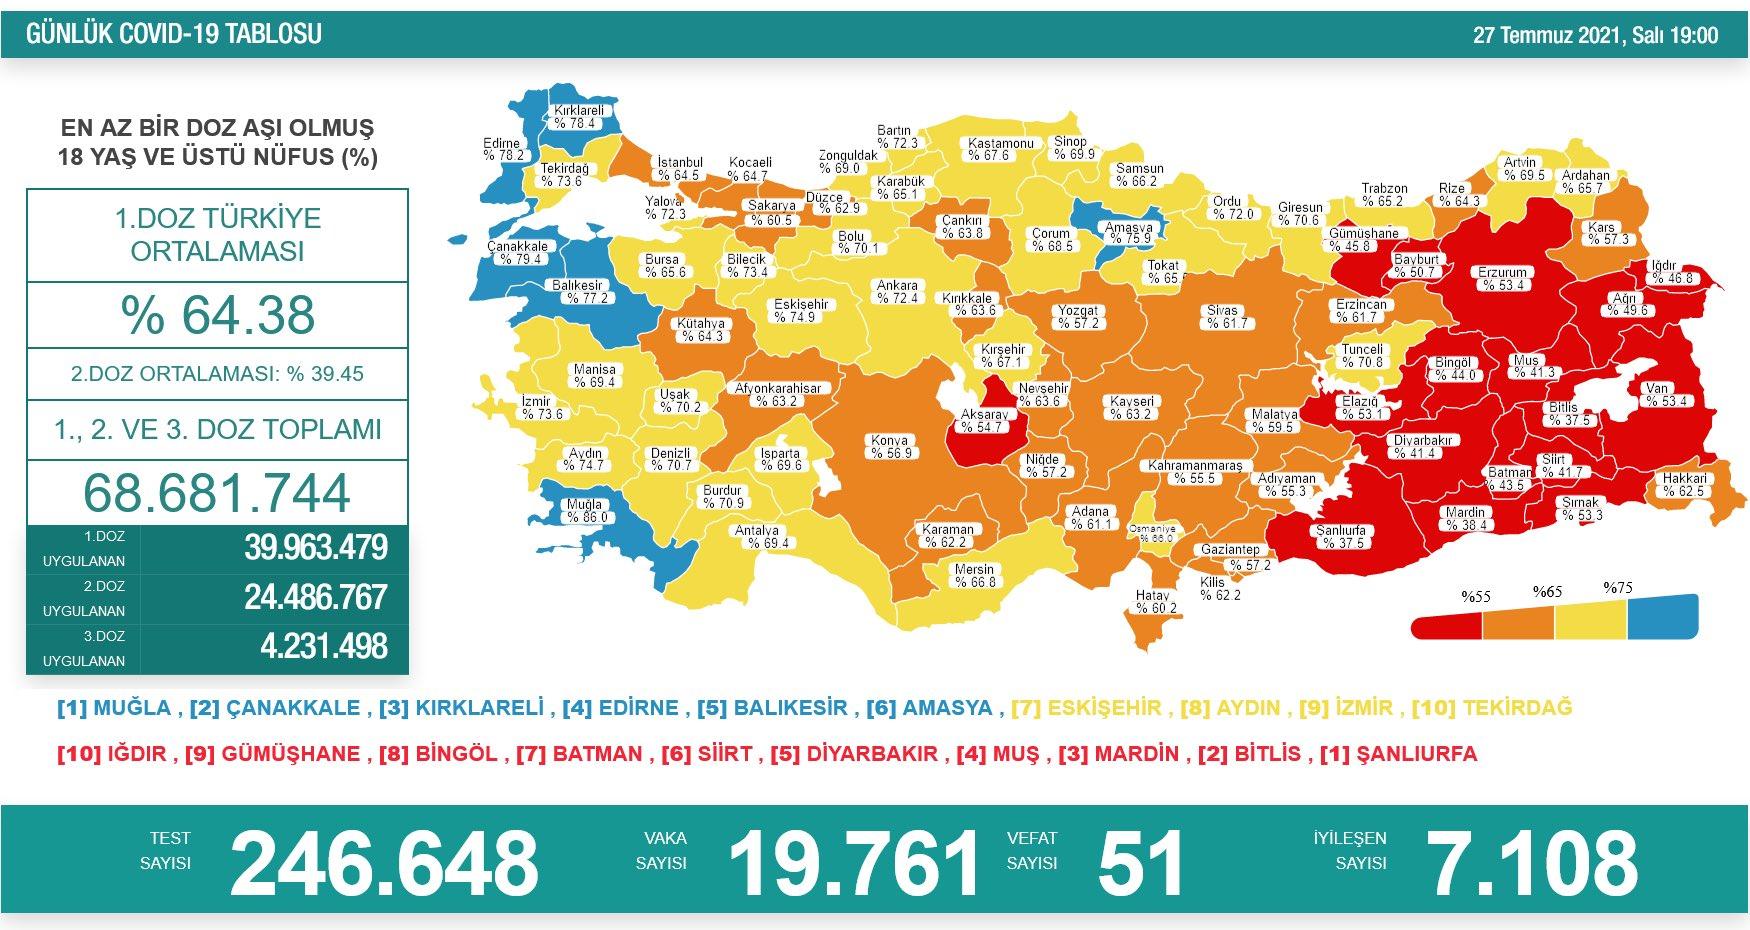 27 Temmuz 2021 Türkiye Koronavirüs Tablosu Açıkladı